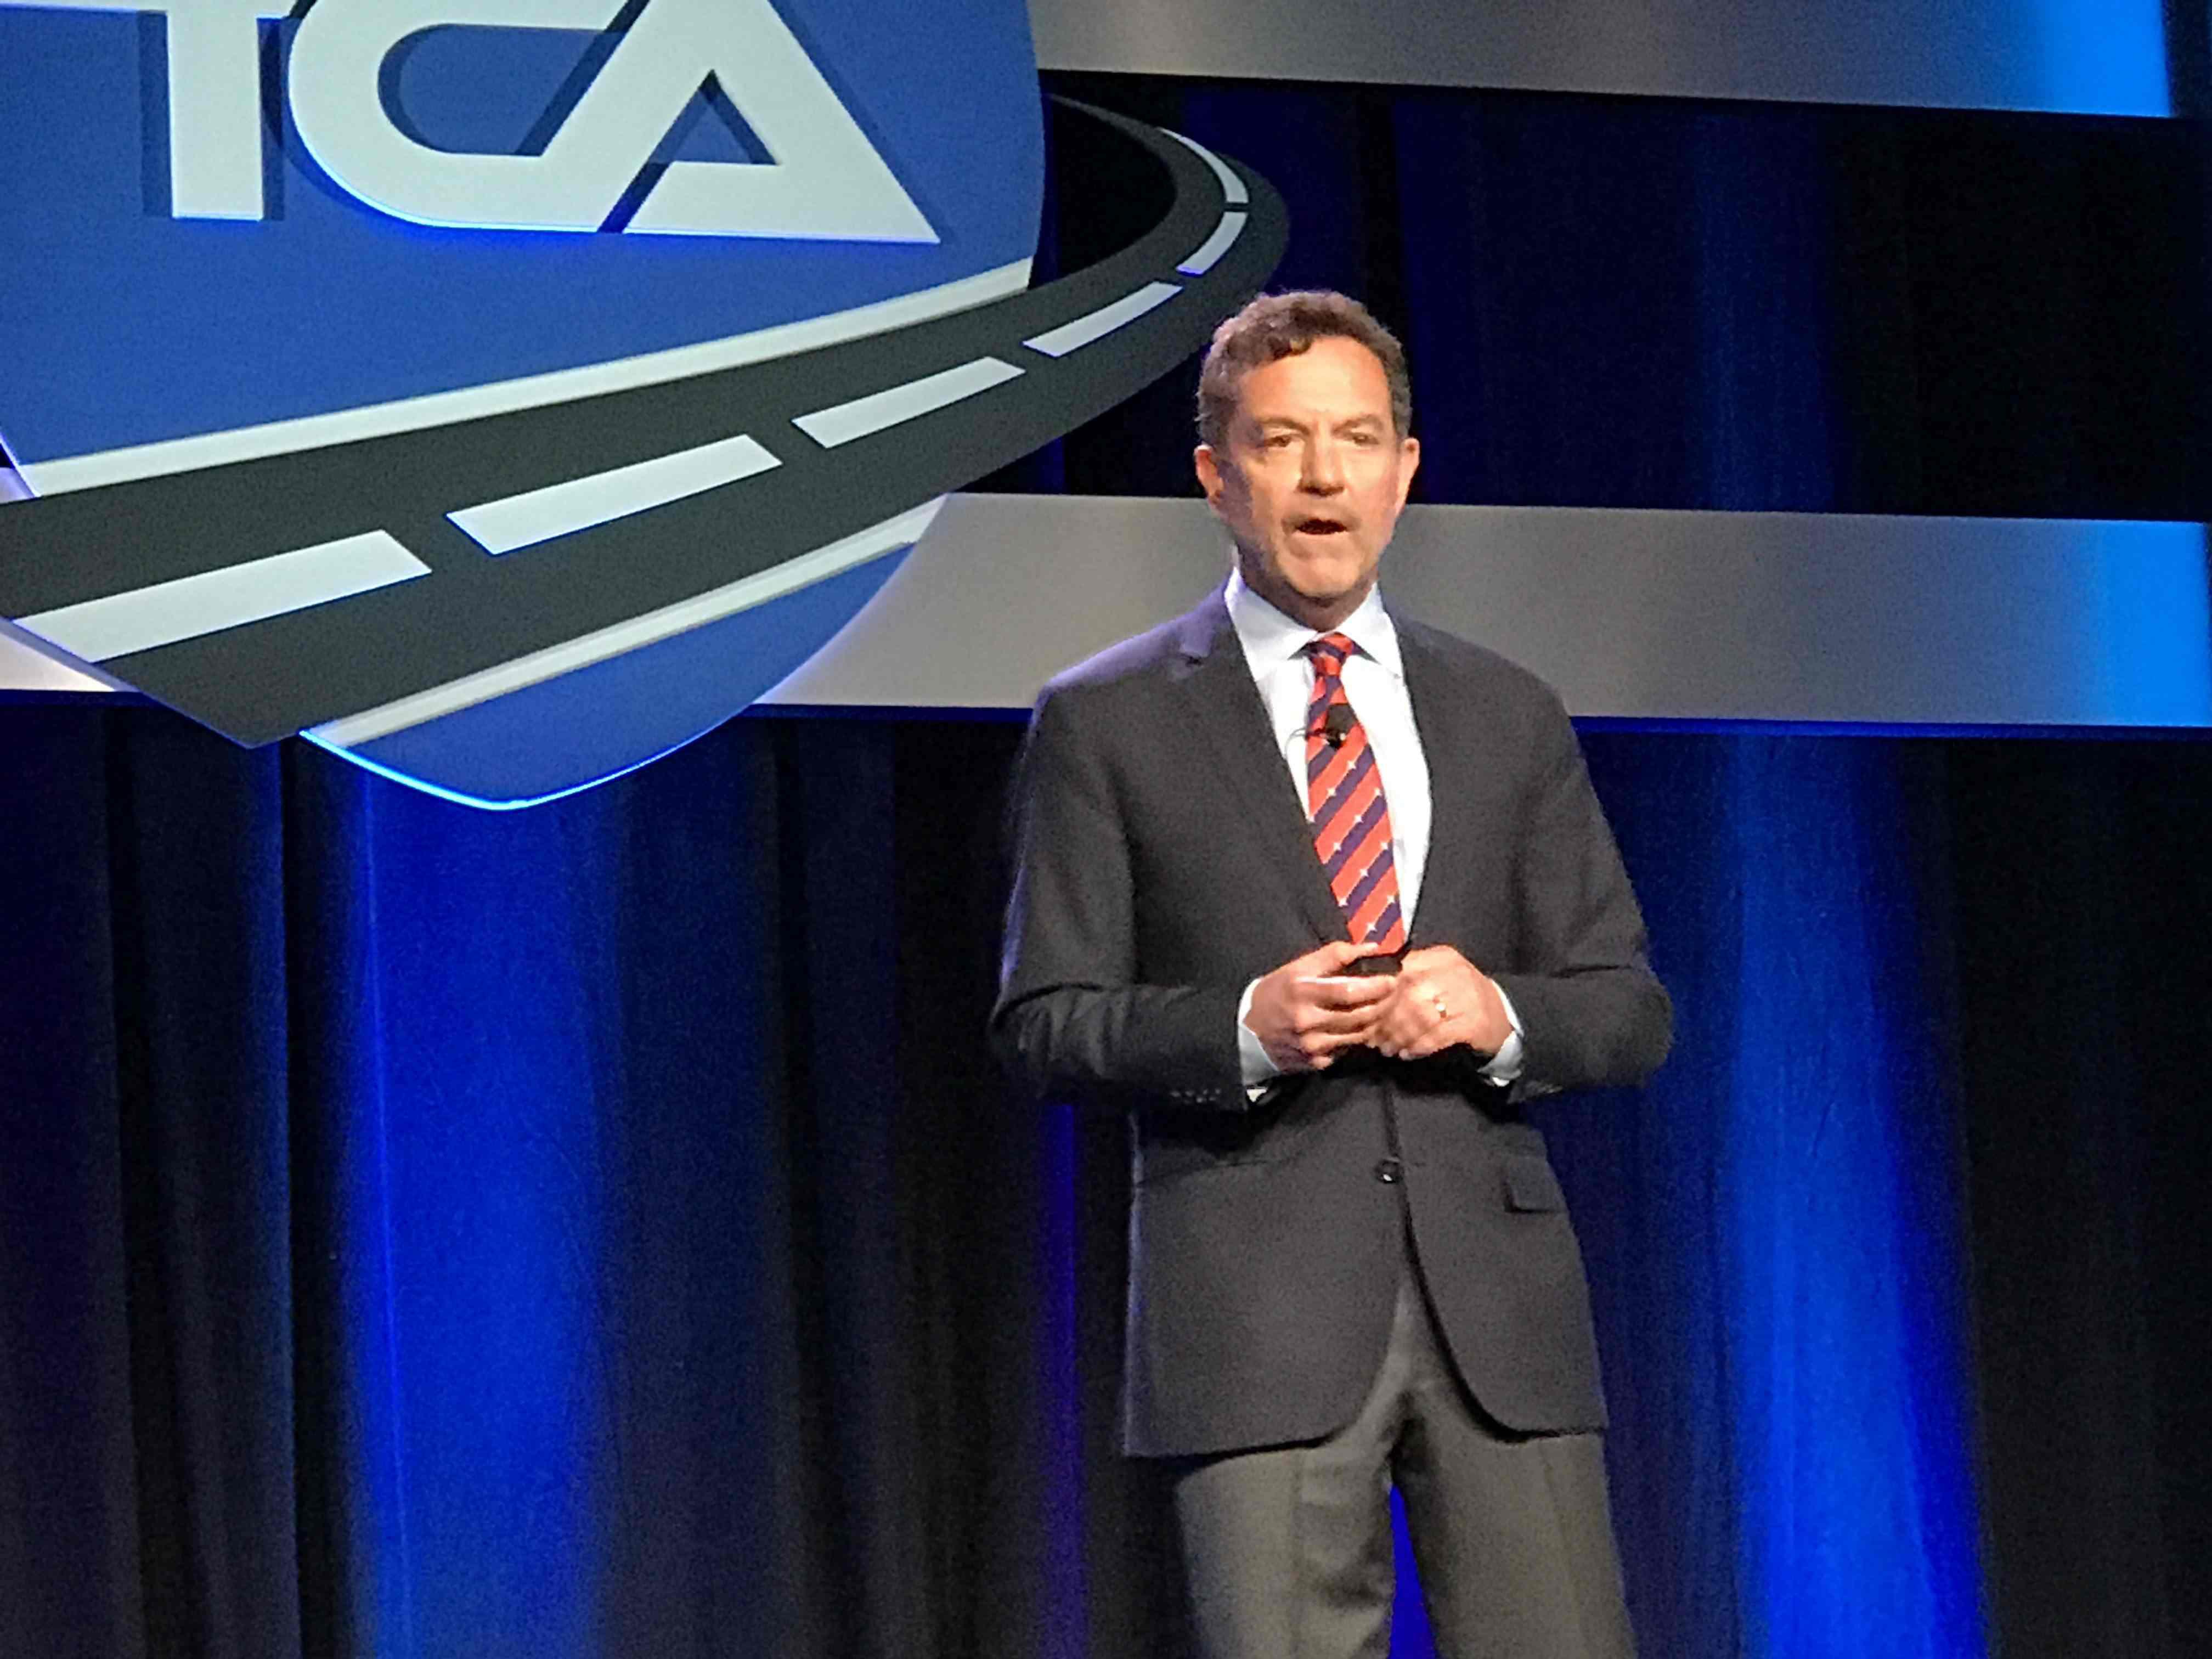 Karlgaard talks Trump, tech disruptors at TCA conference